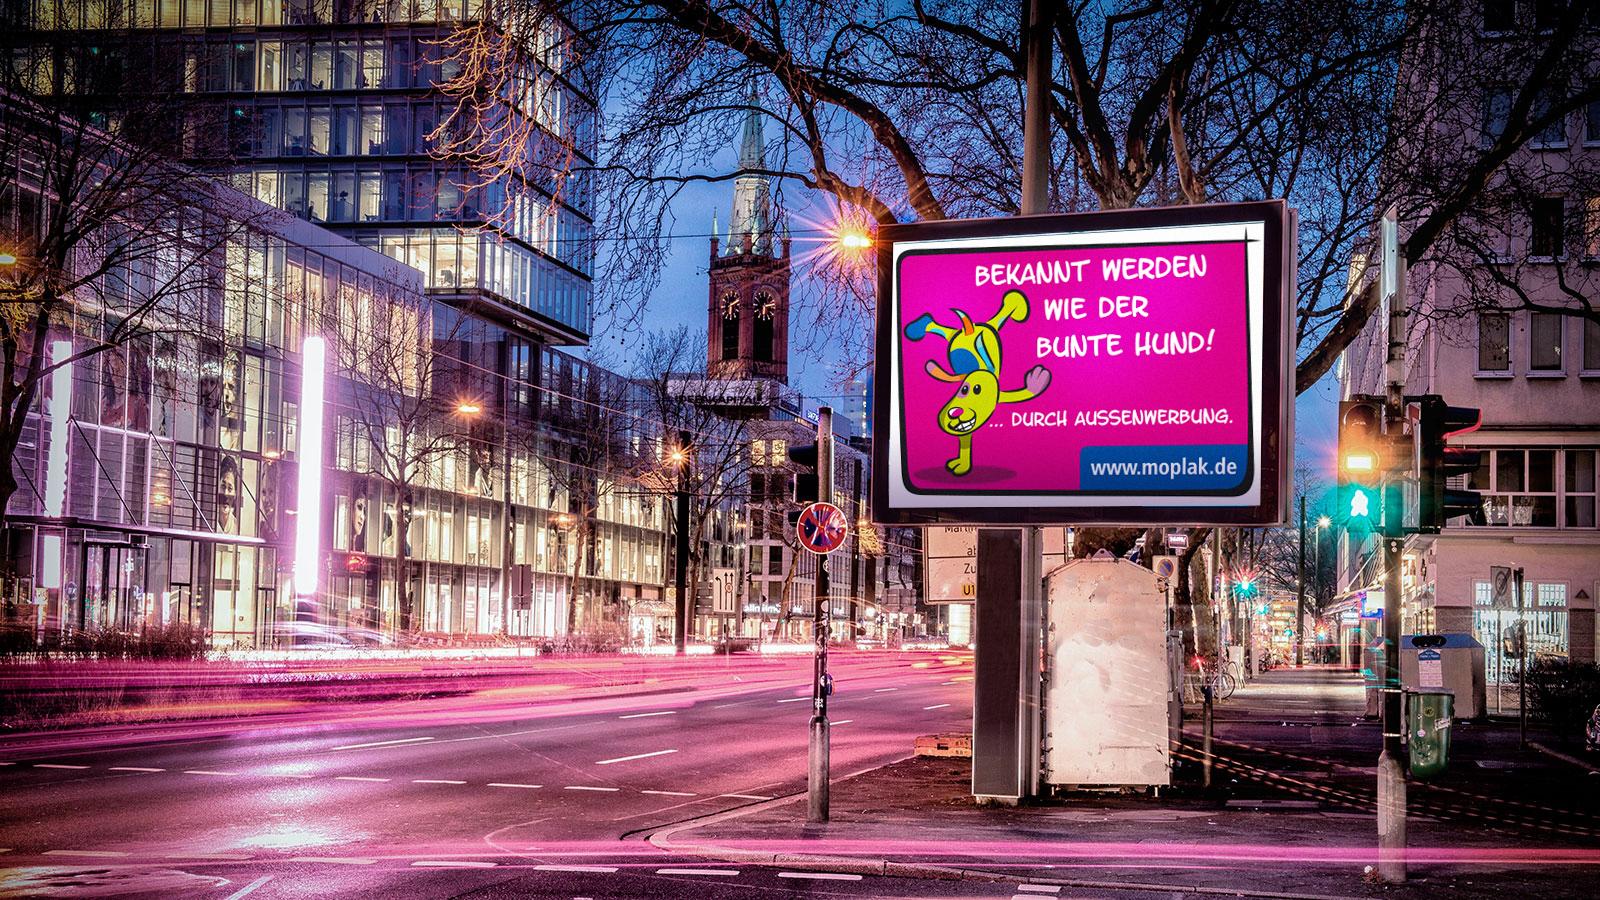 ingolstadt-aussenwerbung-plakatwand-plakat-werbung